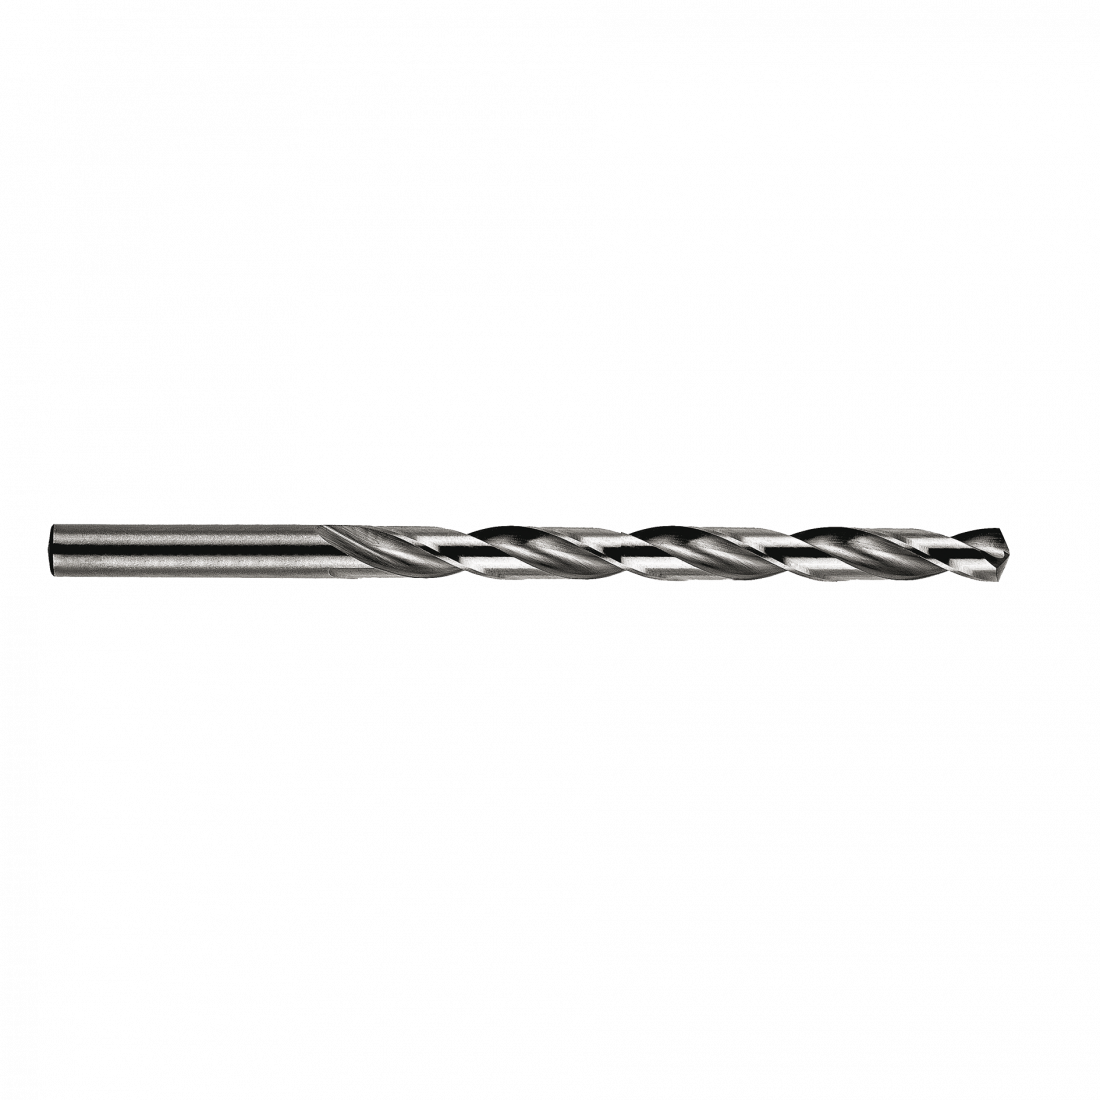 Сверлo по металлу Heller HSS-G Super DIN 340 сверхдлиннoе 10,0х121х184мм (10шт)